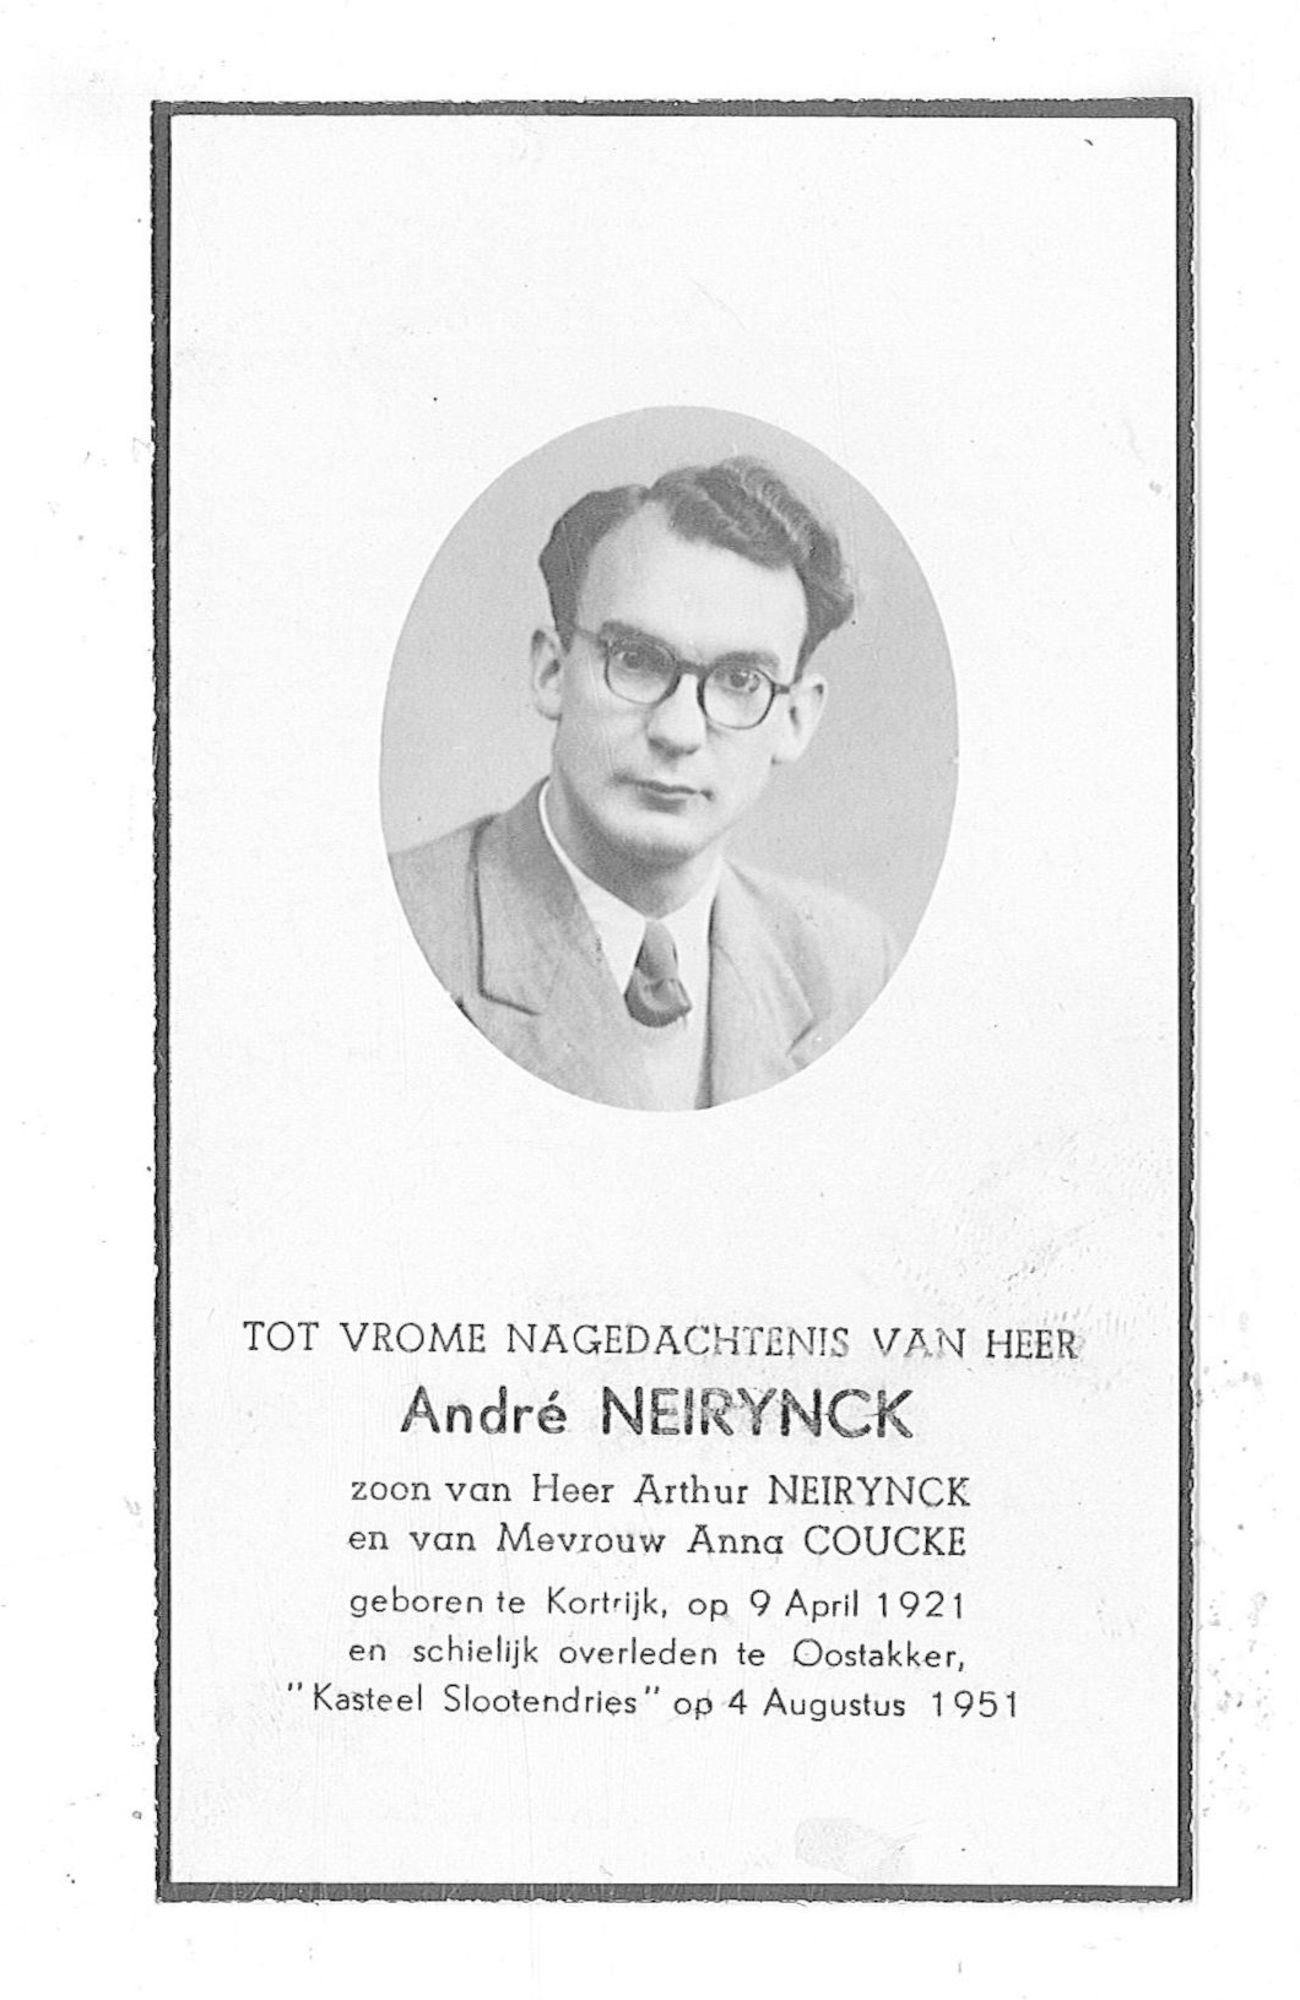 André Neirynck